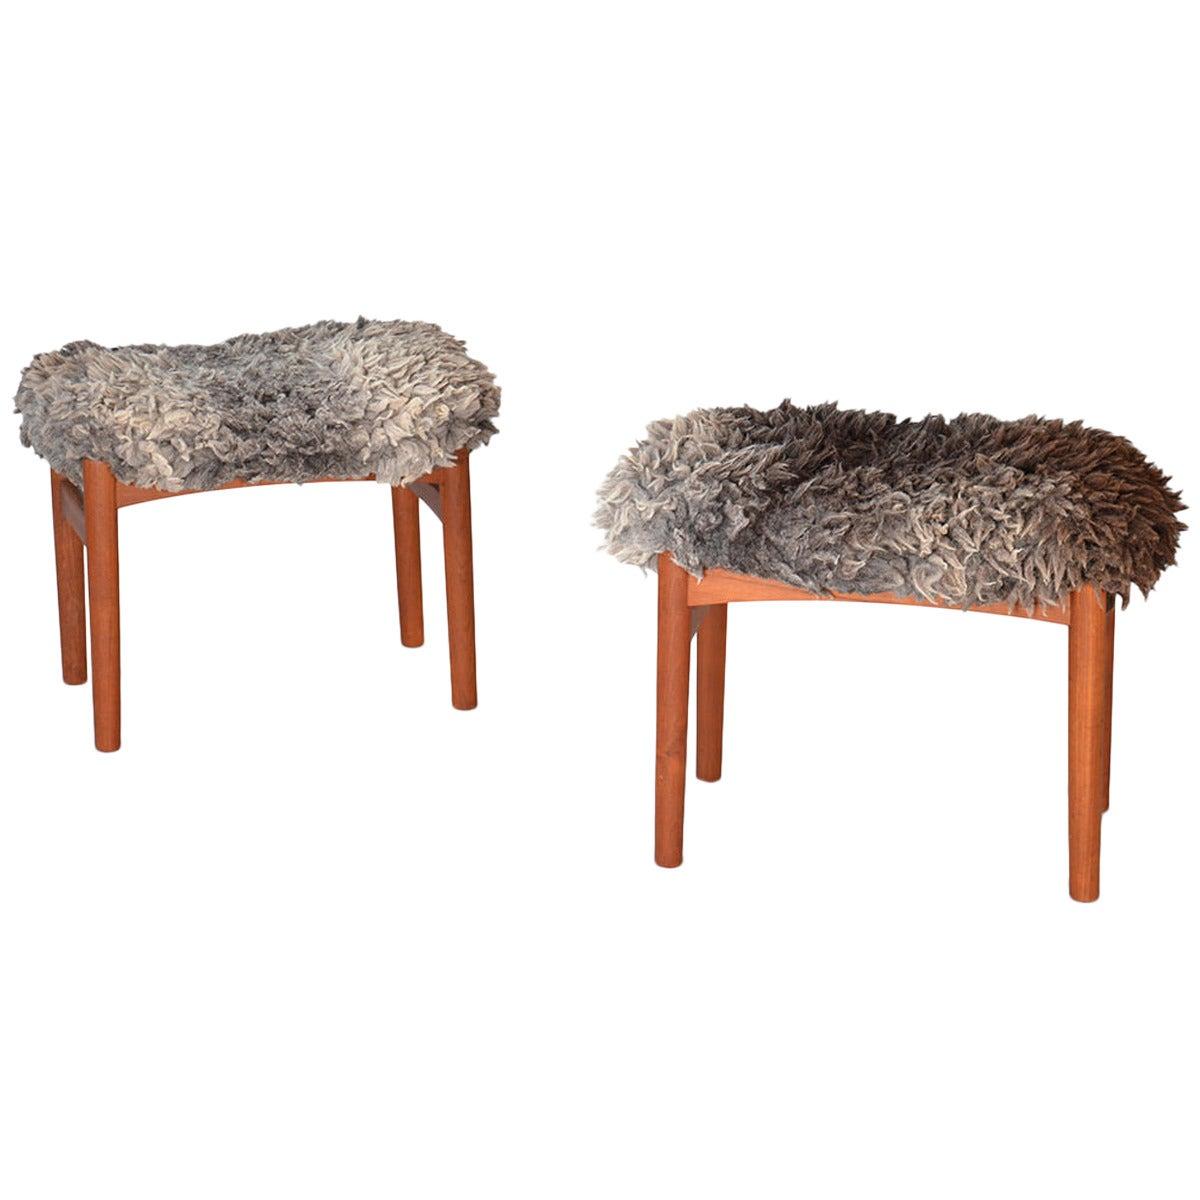 Danish Design Stools at 1stdibs : 2617522 1 from www.1stdibs.com size 1200 x 1200 jpeg 92kB